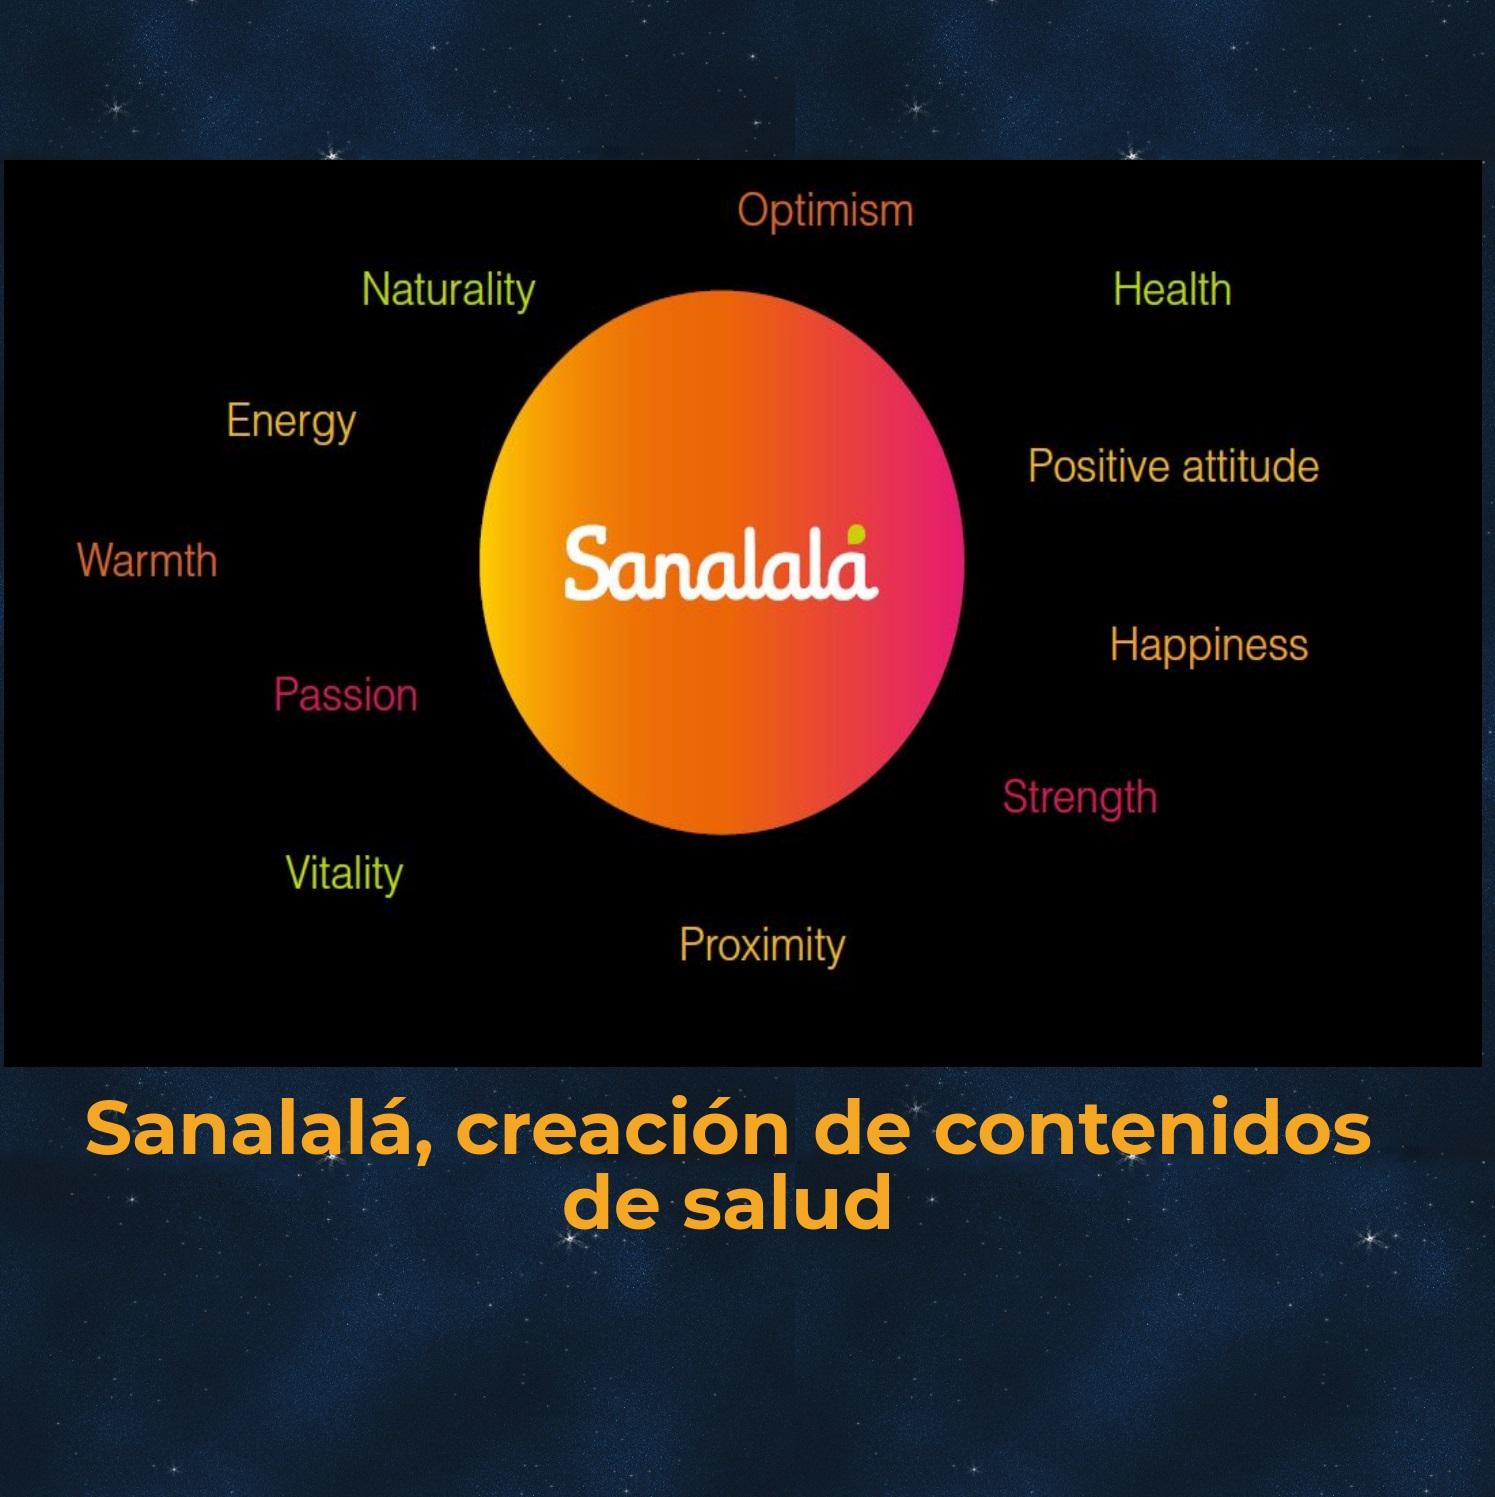 Sanalalá